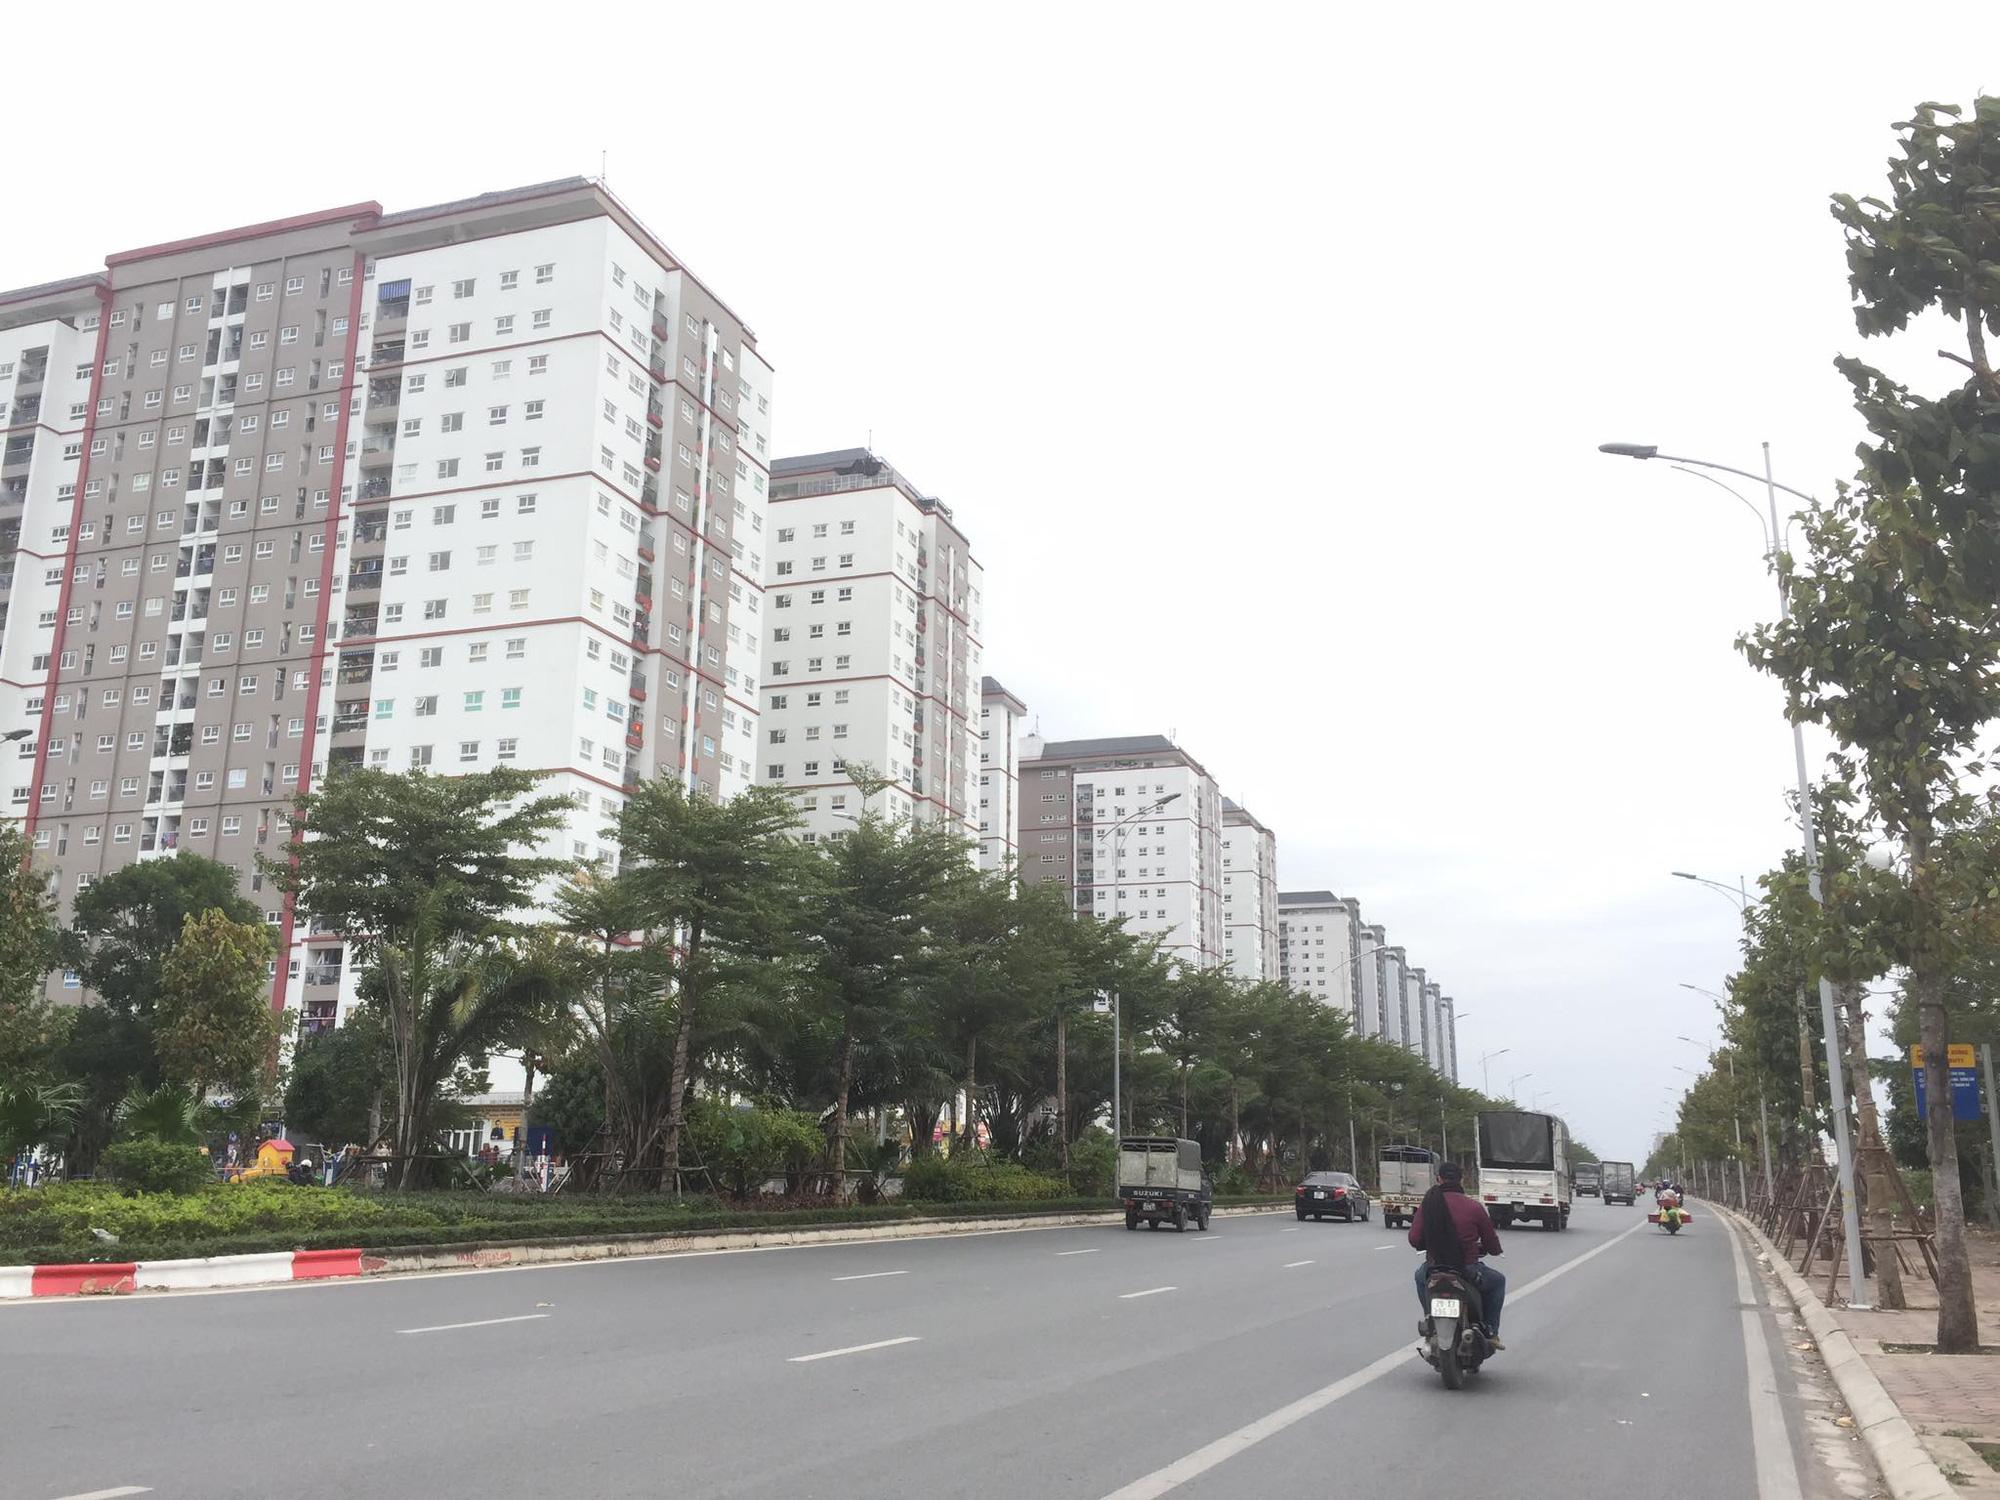 Bất cập trong việc Hà Nội điều chỉnh đối tượng giao đất tại dự án Thanh Hà - Ảnh 3.